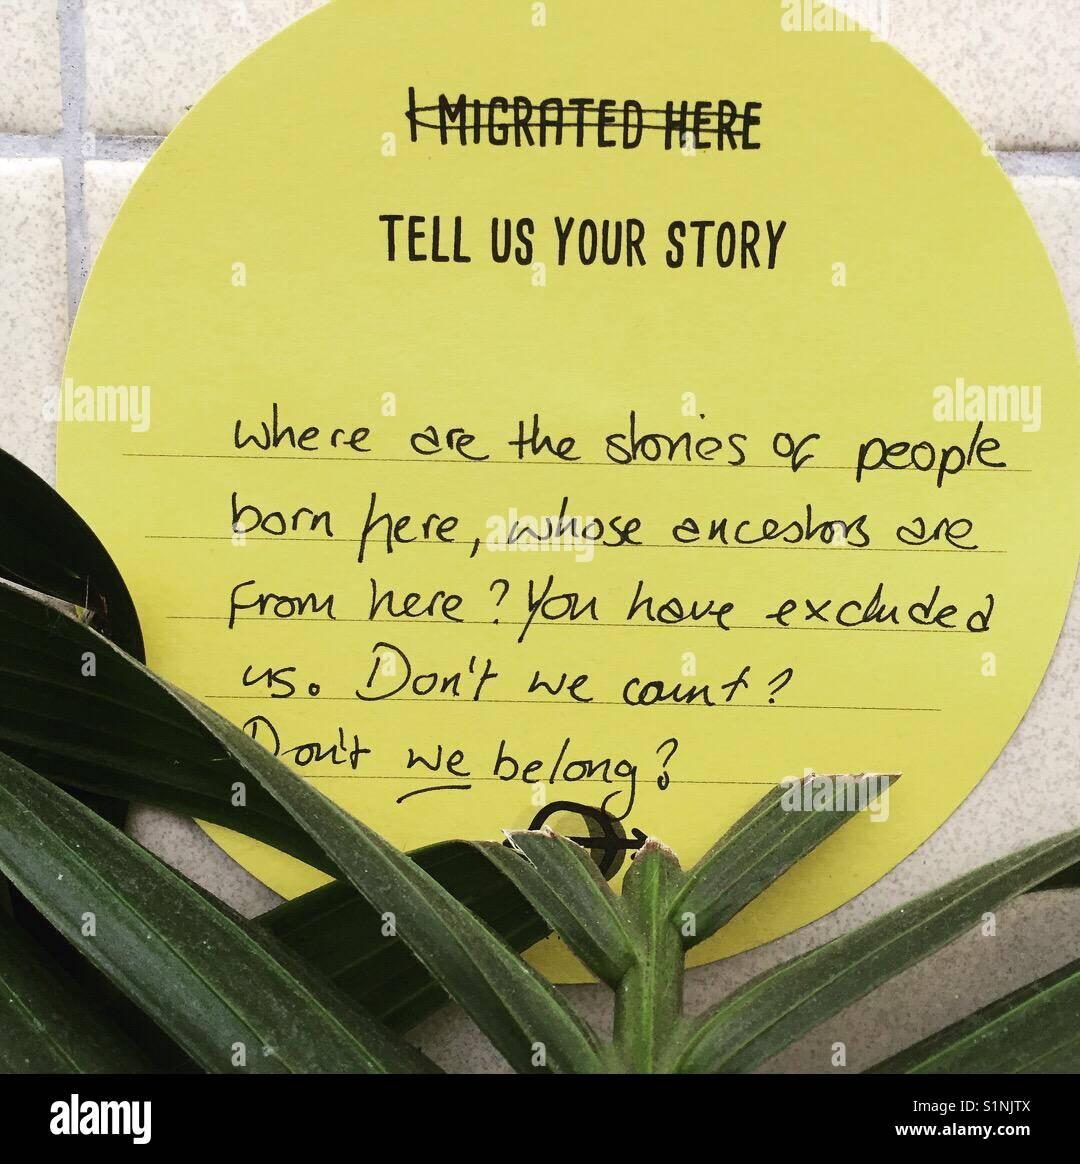 Histoires de migration sont partagés sur le mur de la station de métro East Finchley à Londres, Angleterre Photo Stock